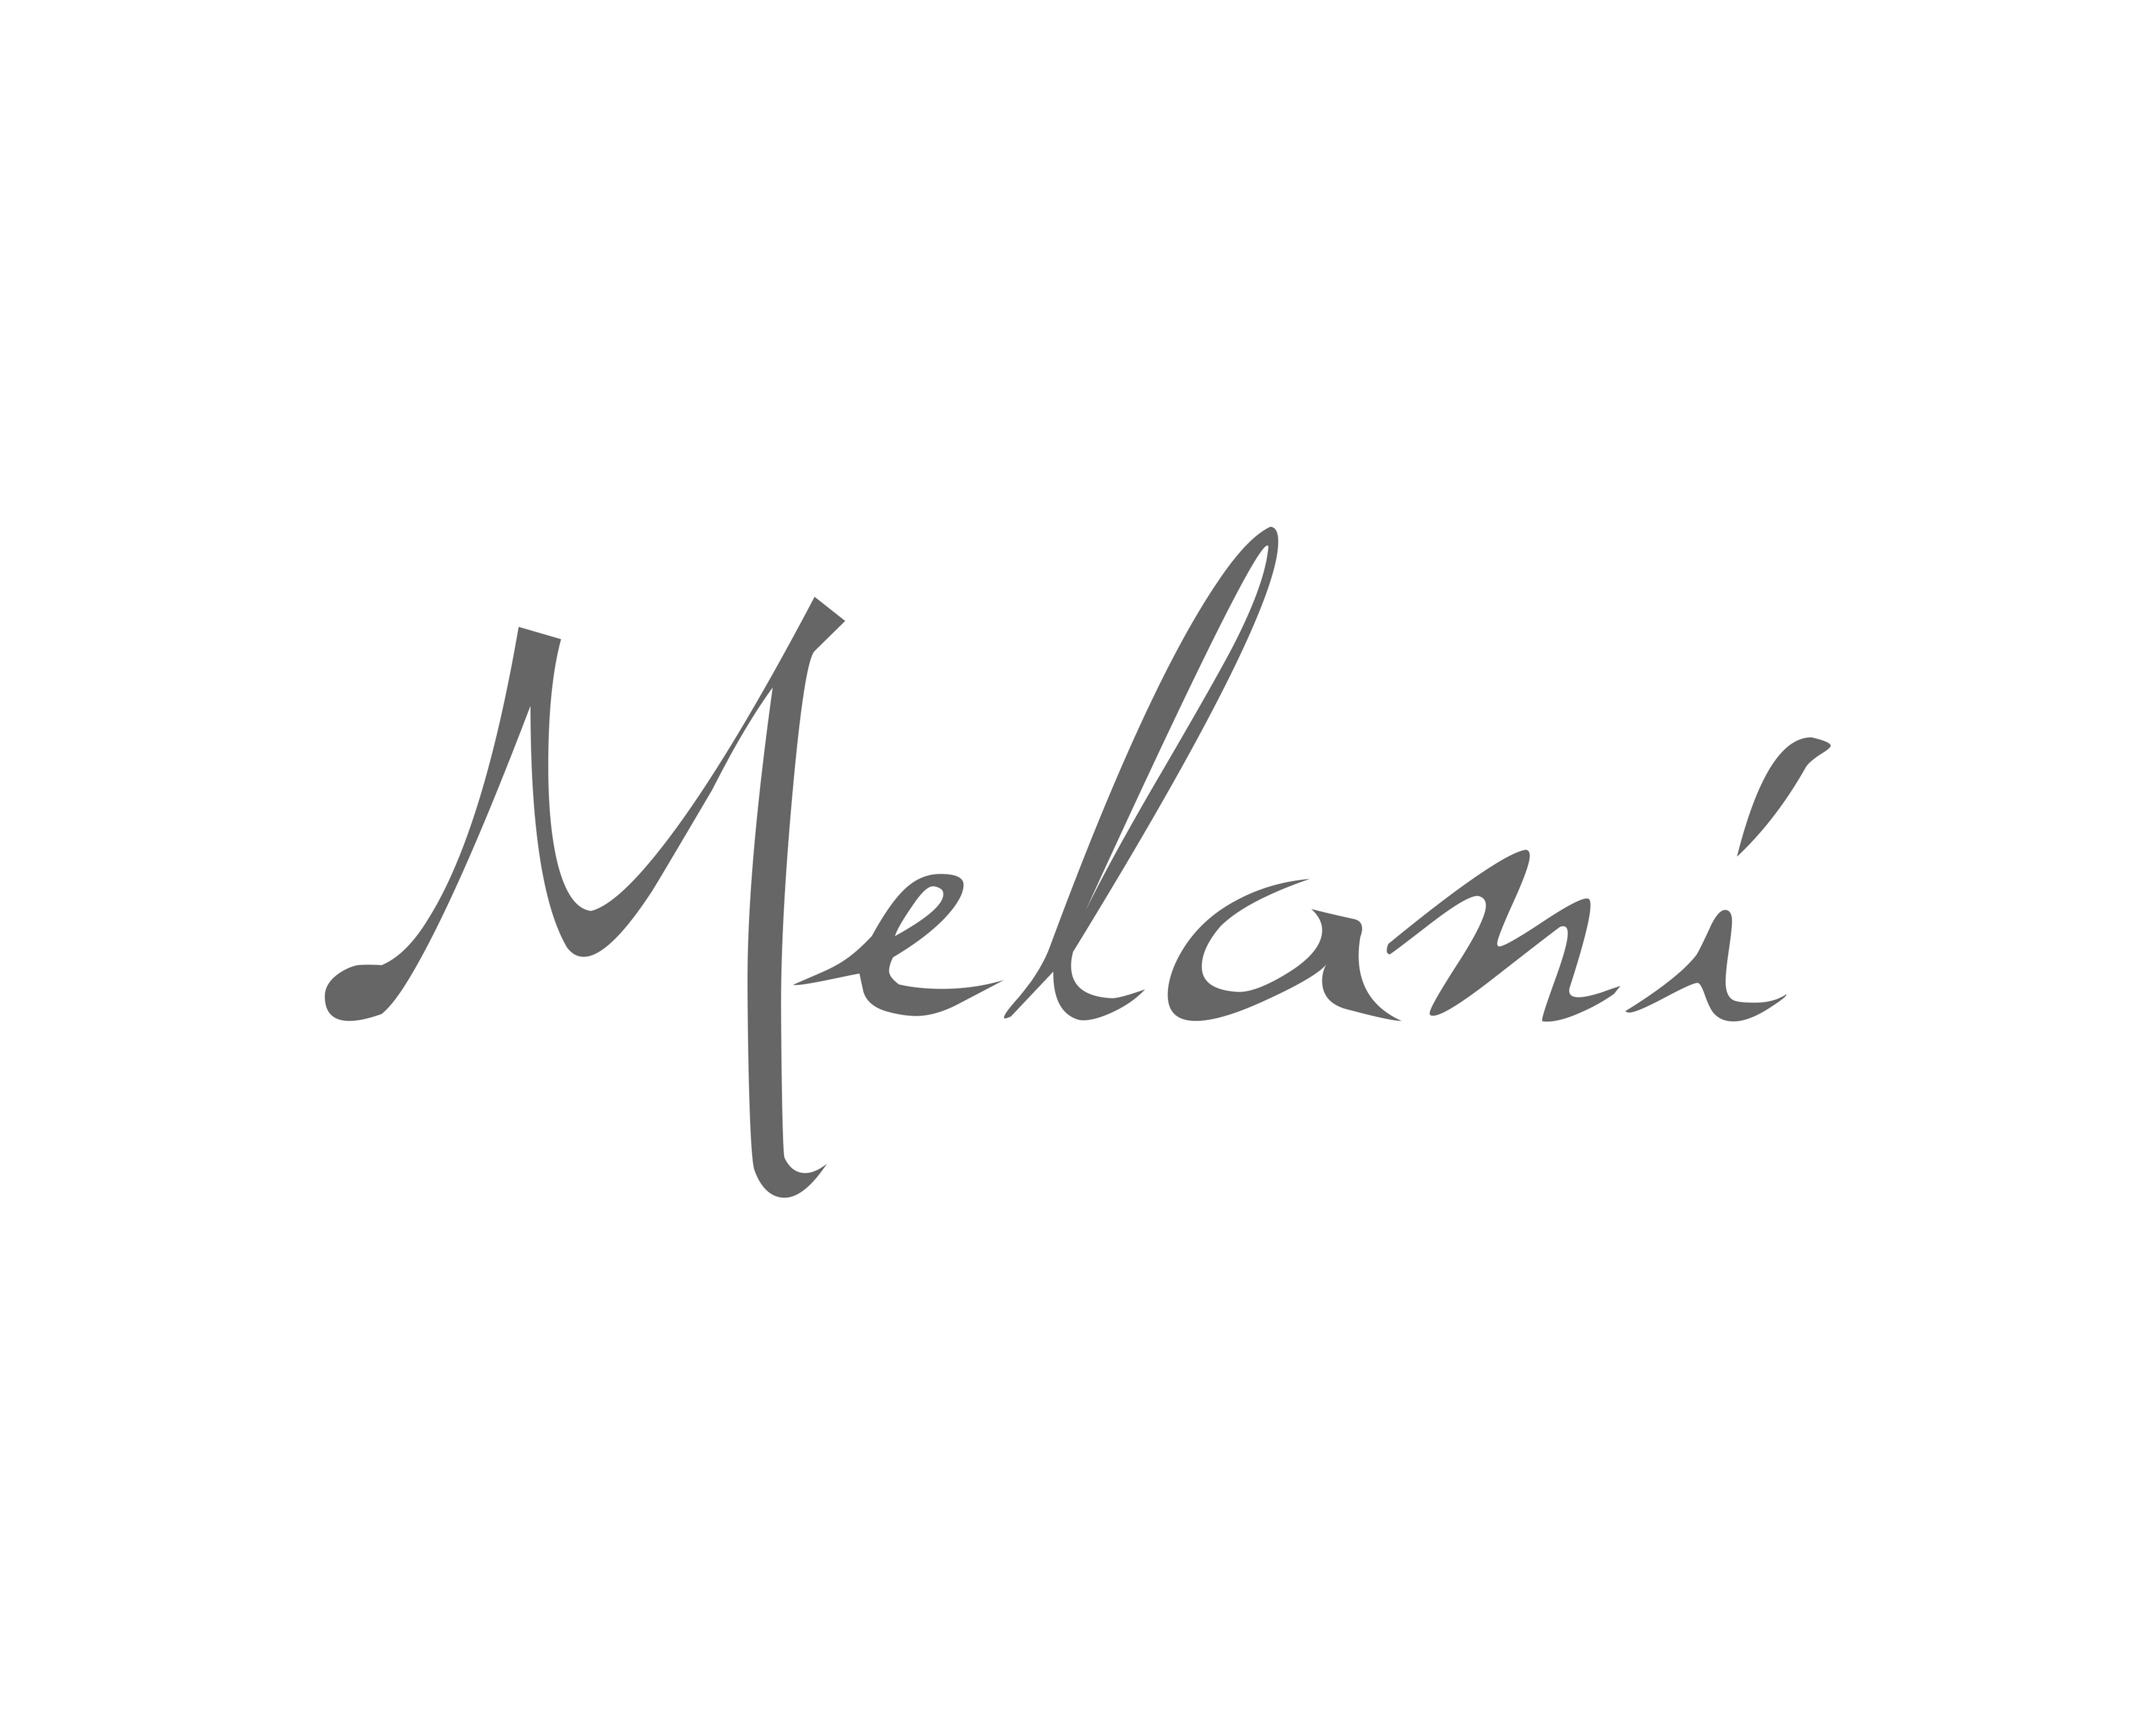 melani rossouw's Signature